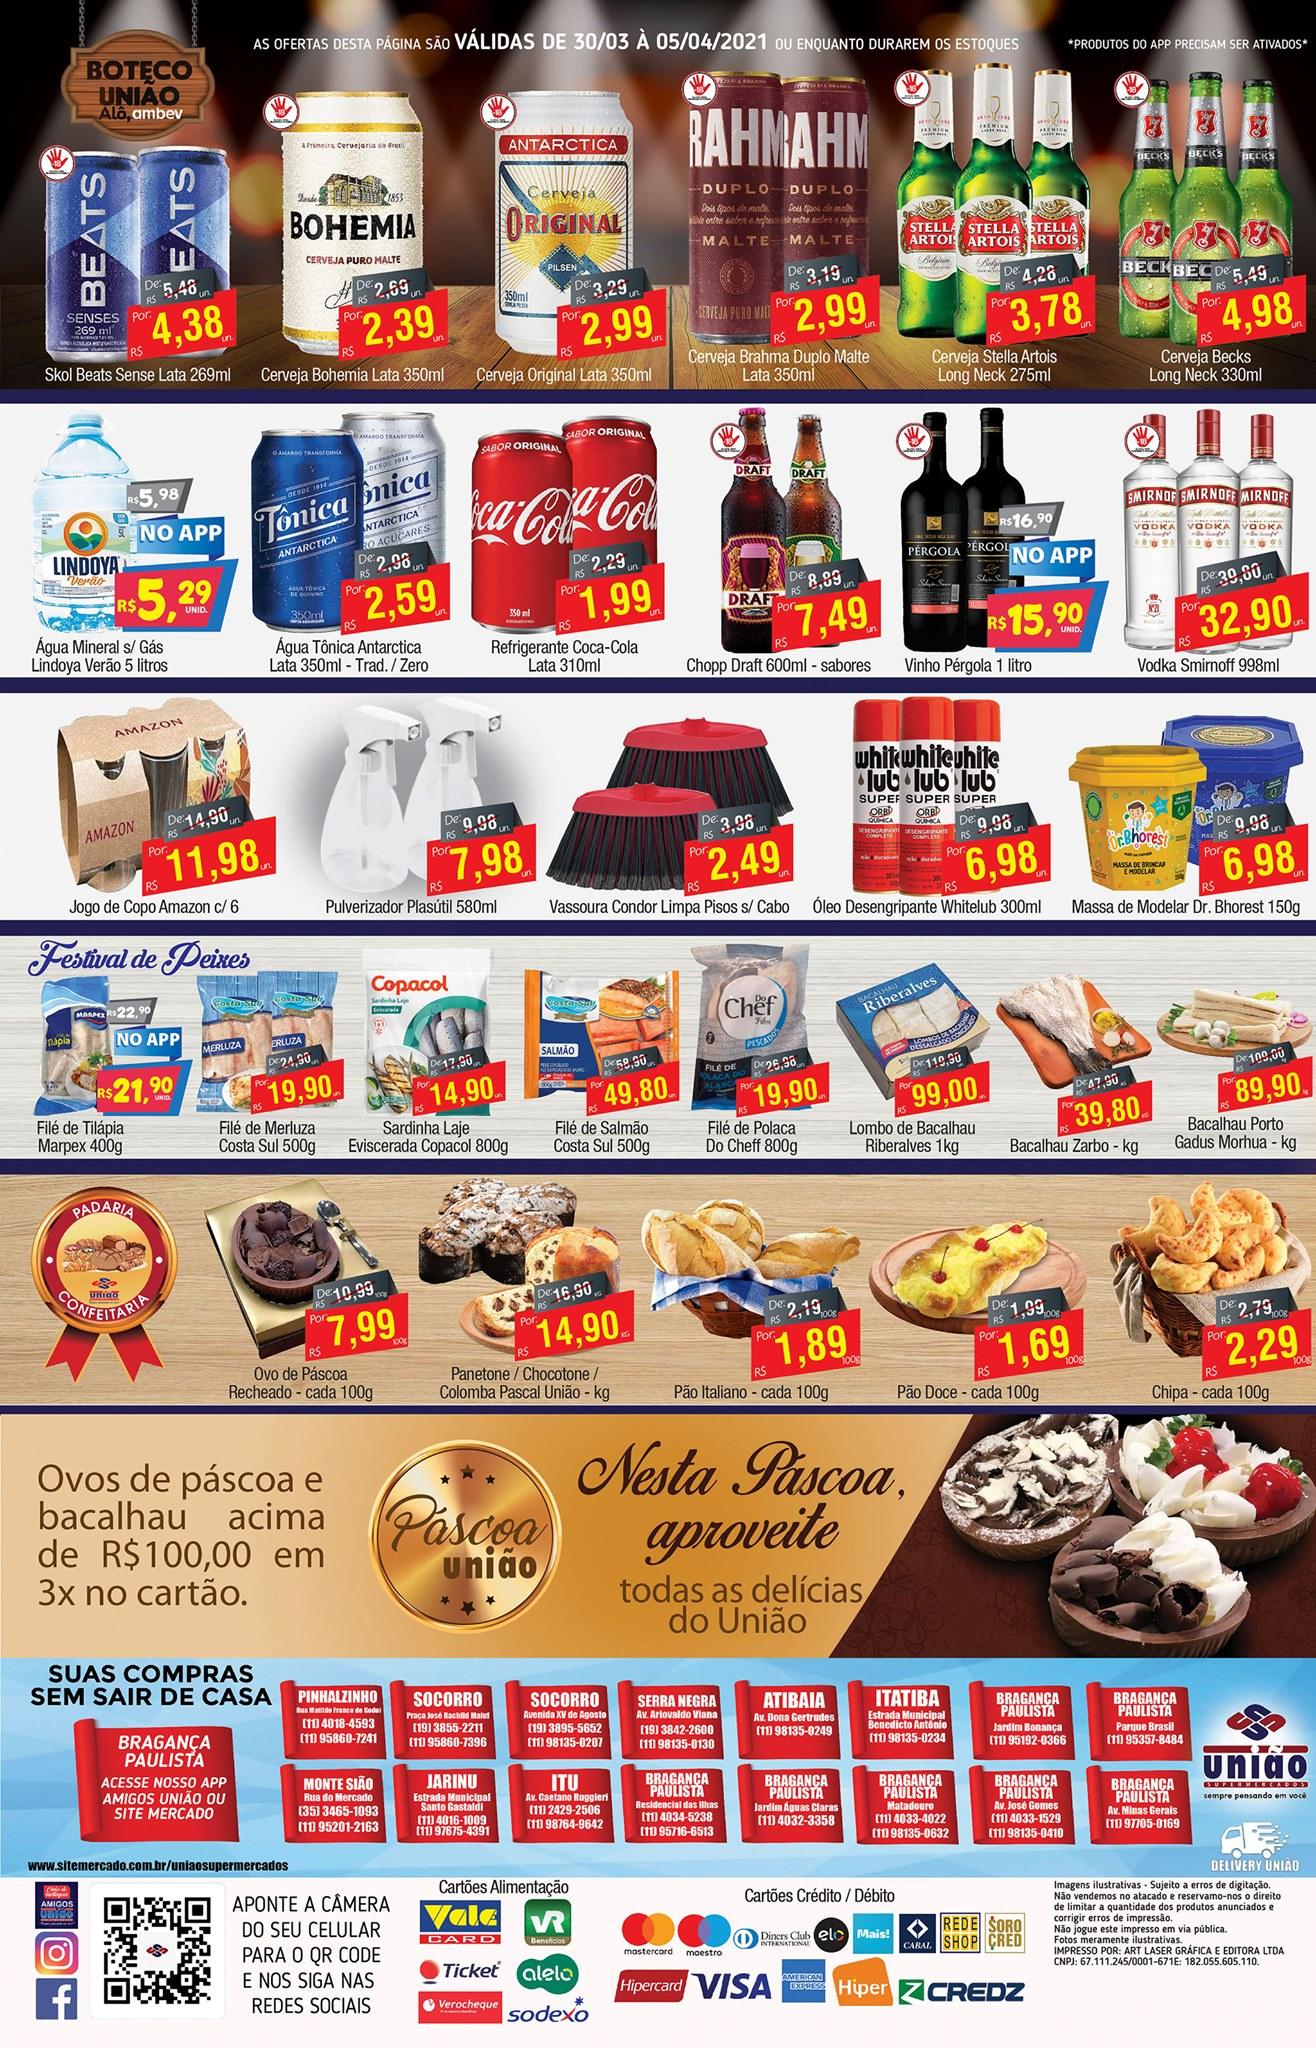 União Supermercados tem ofertas no açougue, bebidas, e muito mais para o fim de semana